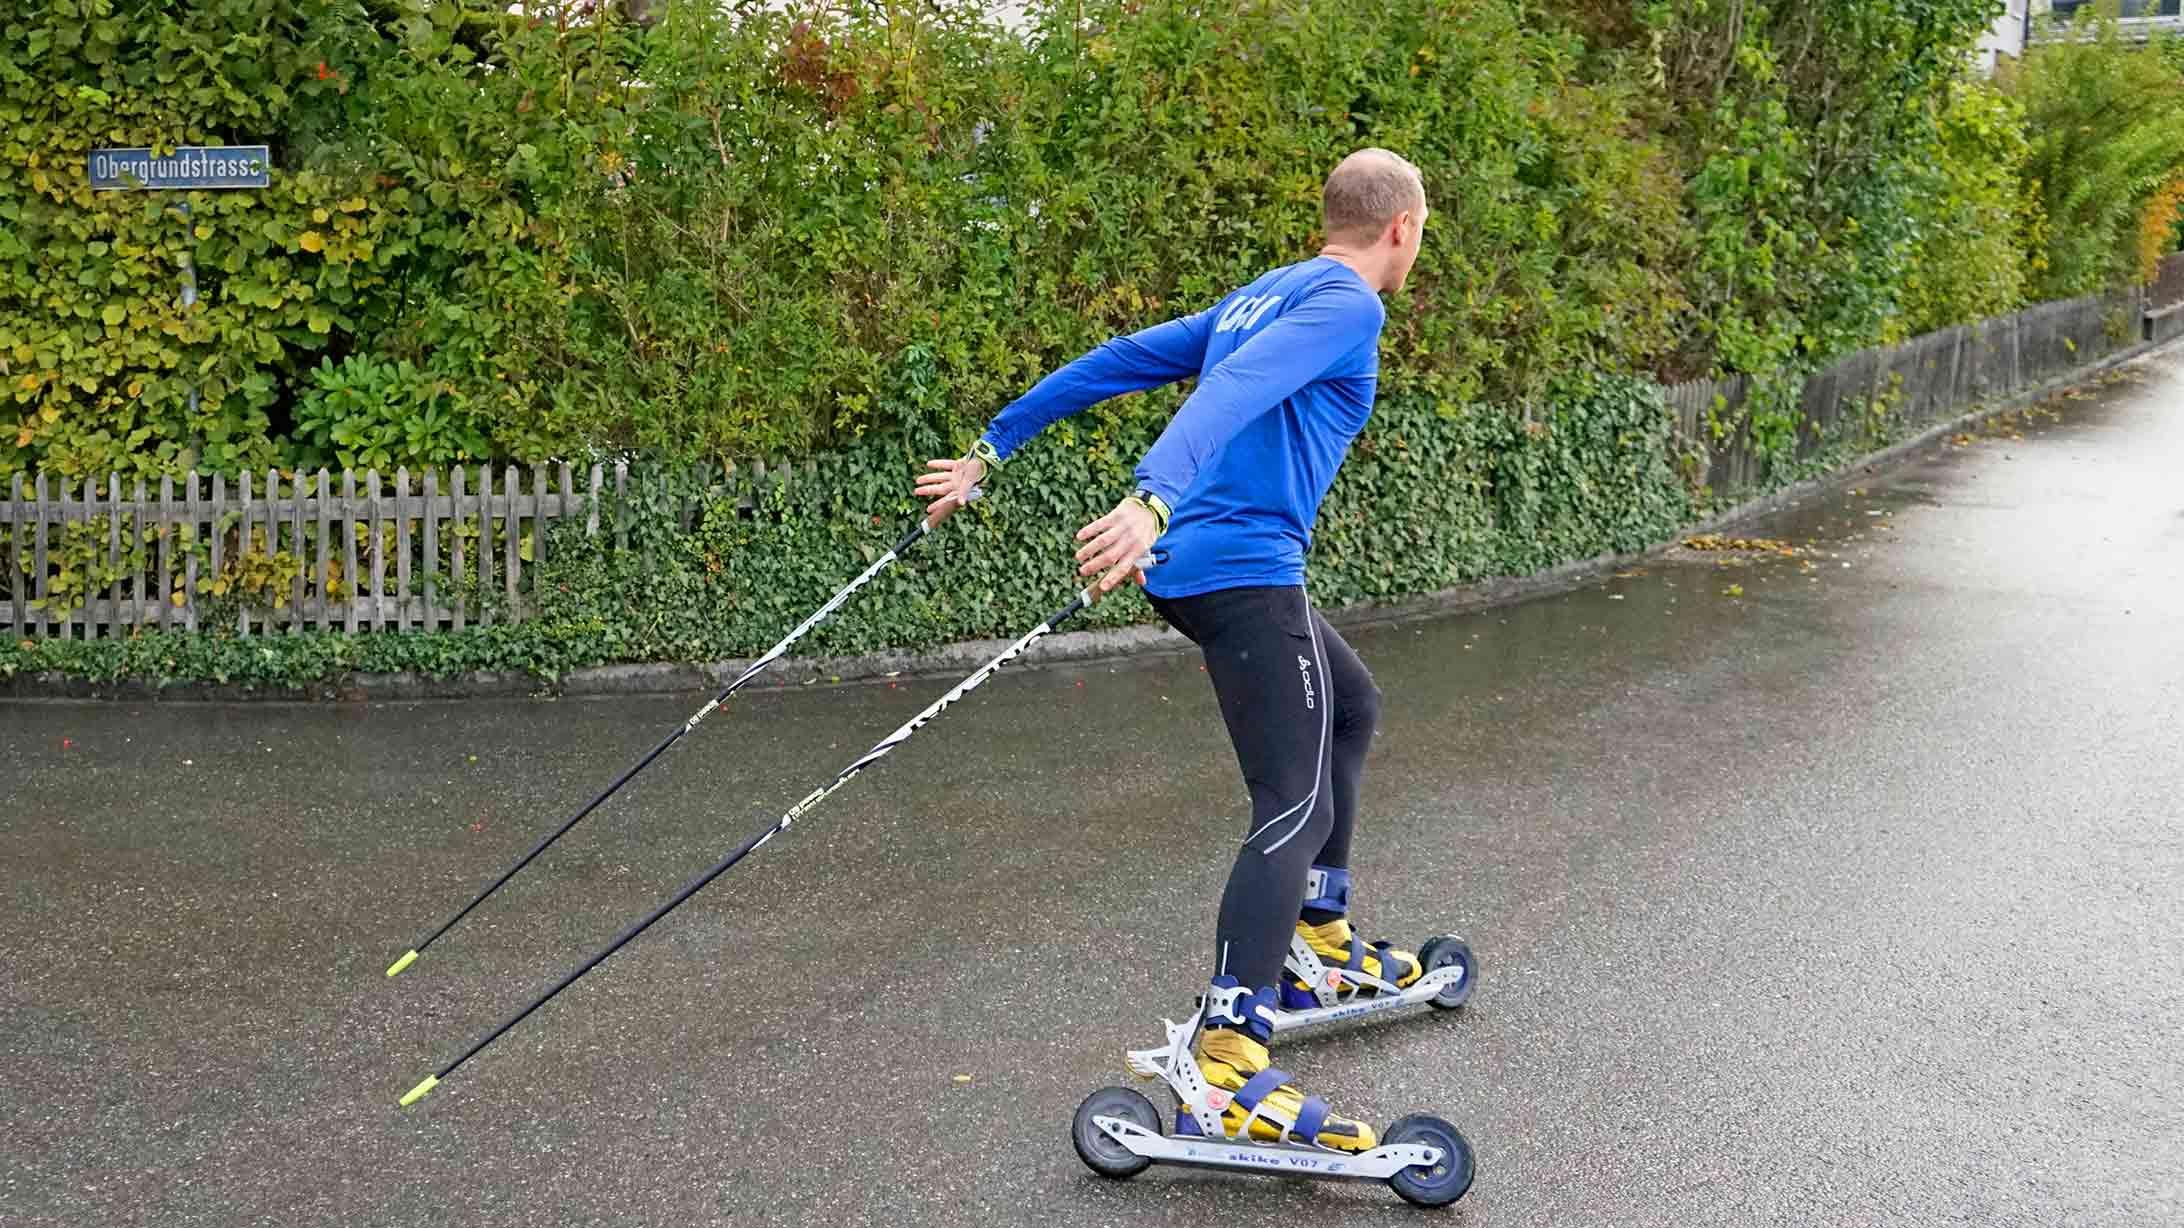 Rund ein Jahr nach der Operation kann Peter Kopp wieder einem seiner liebsten Hobbys nachgehen: Rollski fahren.